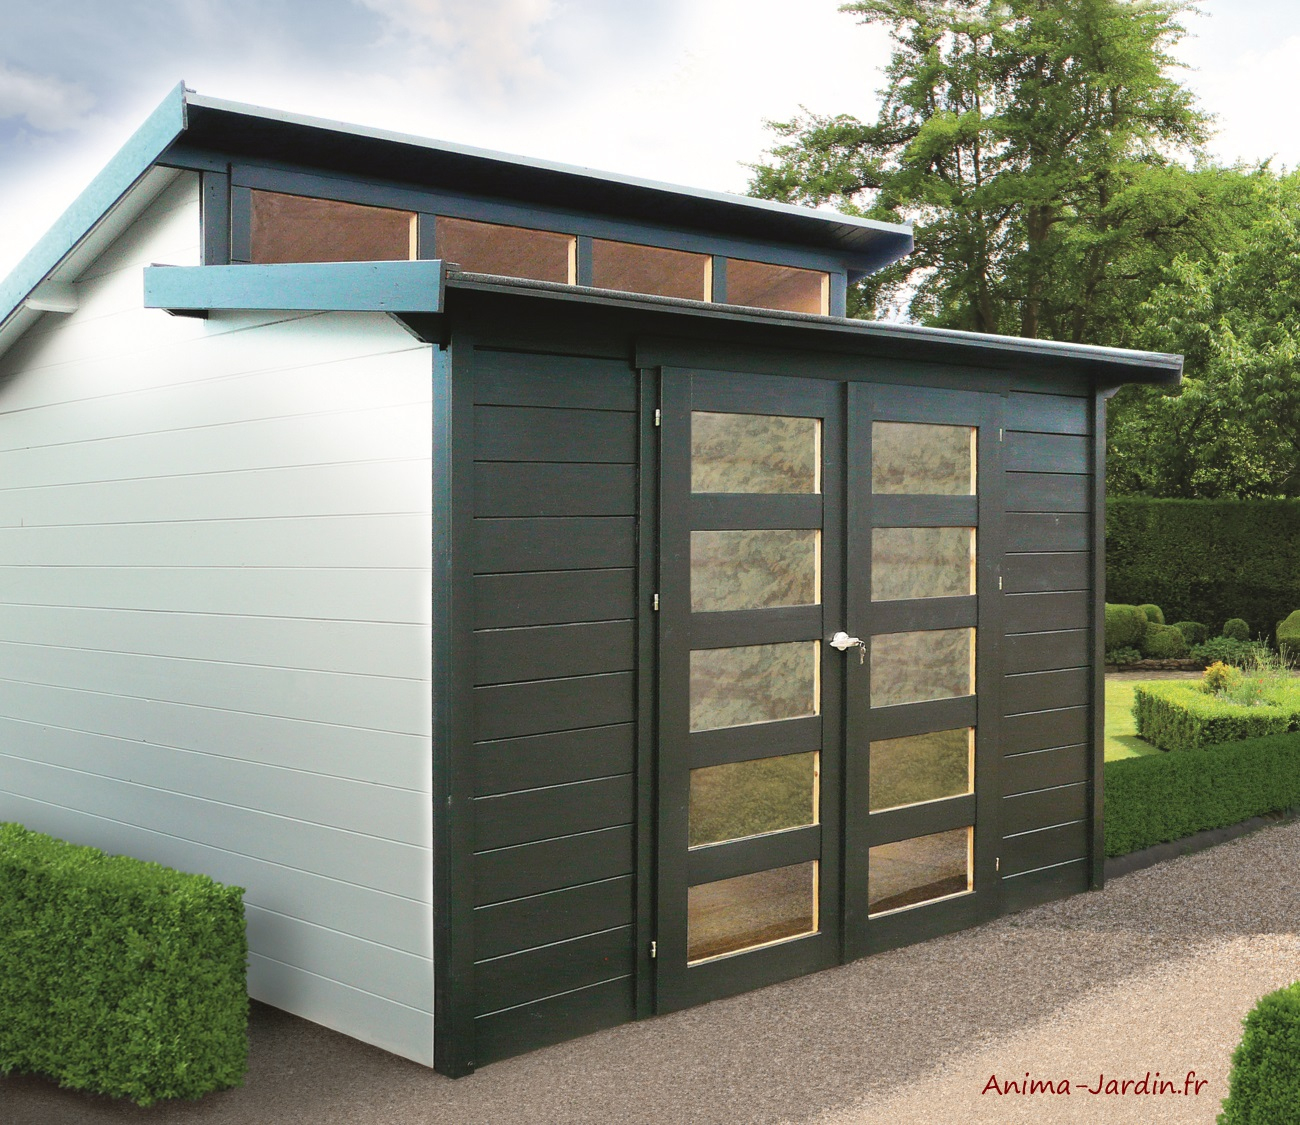 Abri De Jardin En Bois 28Mm, Milano, 9M², 2 Portes, Solid ... tout Abri Bois Exterieur